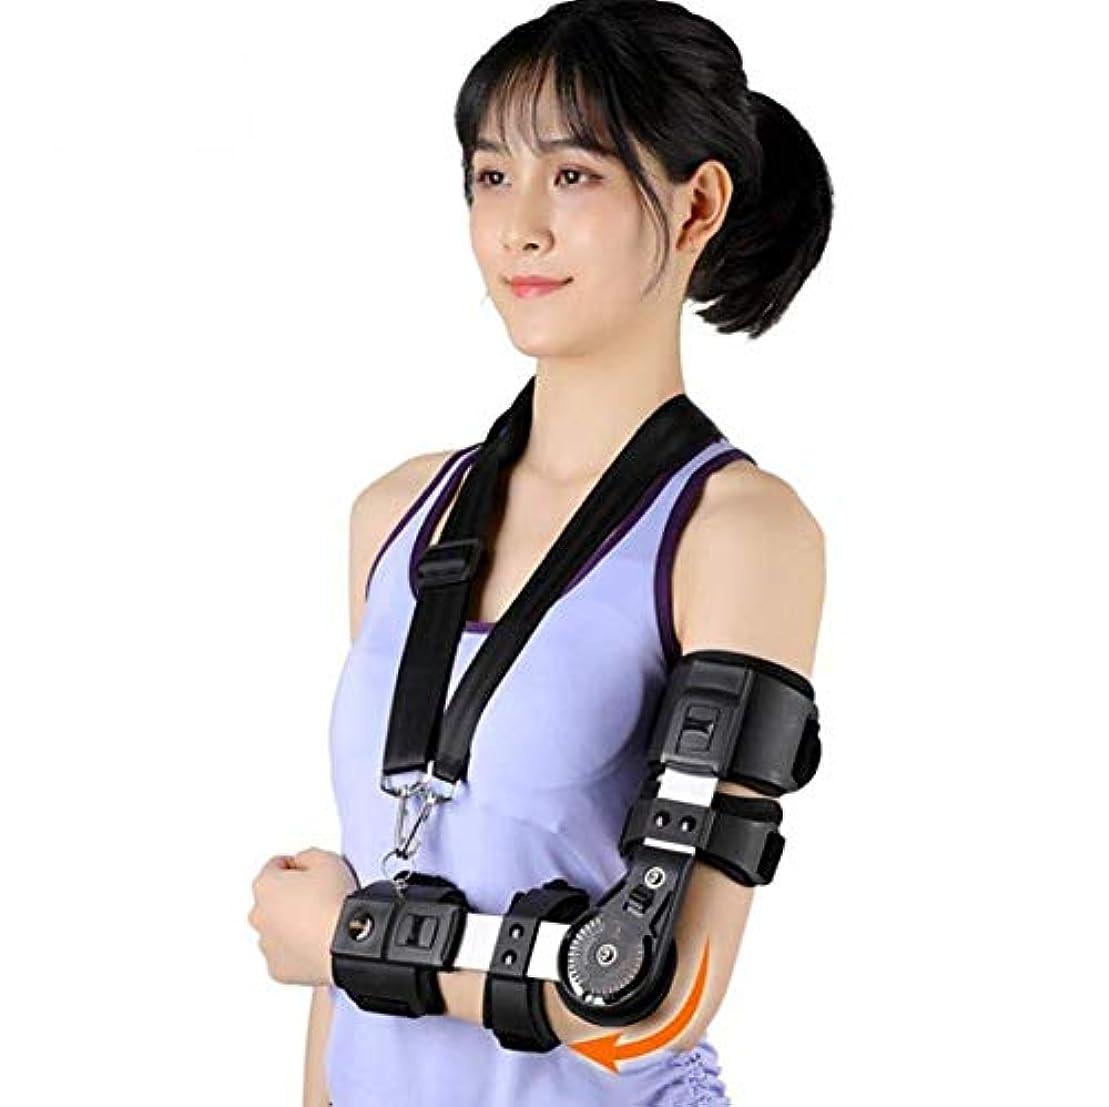 フラッシュのように素早く貸し手より良いヒンジ付きエルボーブレース、スリング付き、調整可能なエルボースプリントブレースアームイモビライザー、術後腕損傷回復用エルボスリングショルダーイモビライザー,Left